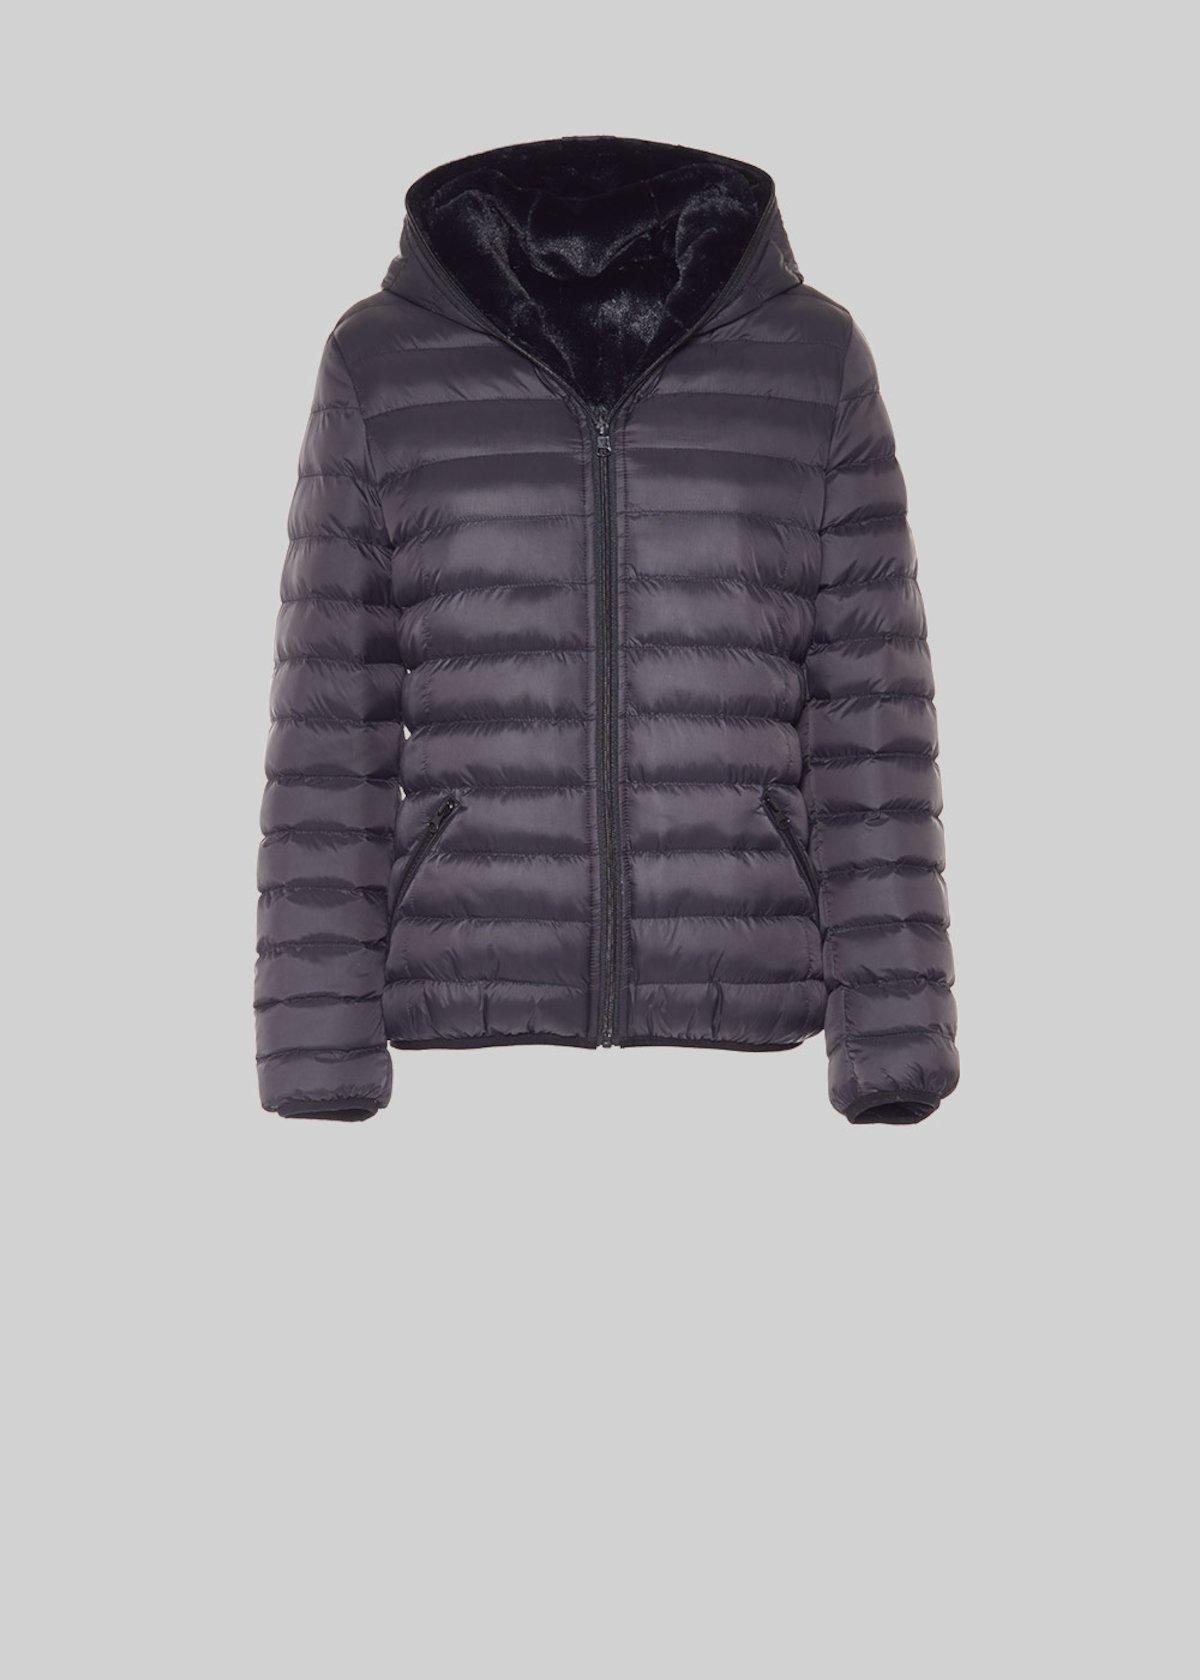 Gary reversible jacket of nylon and ecofur